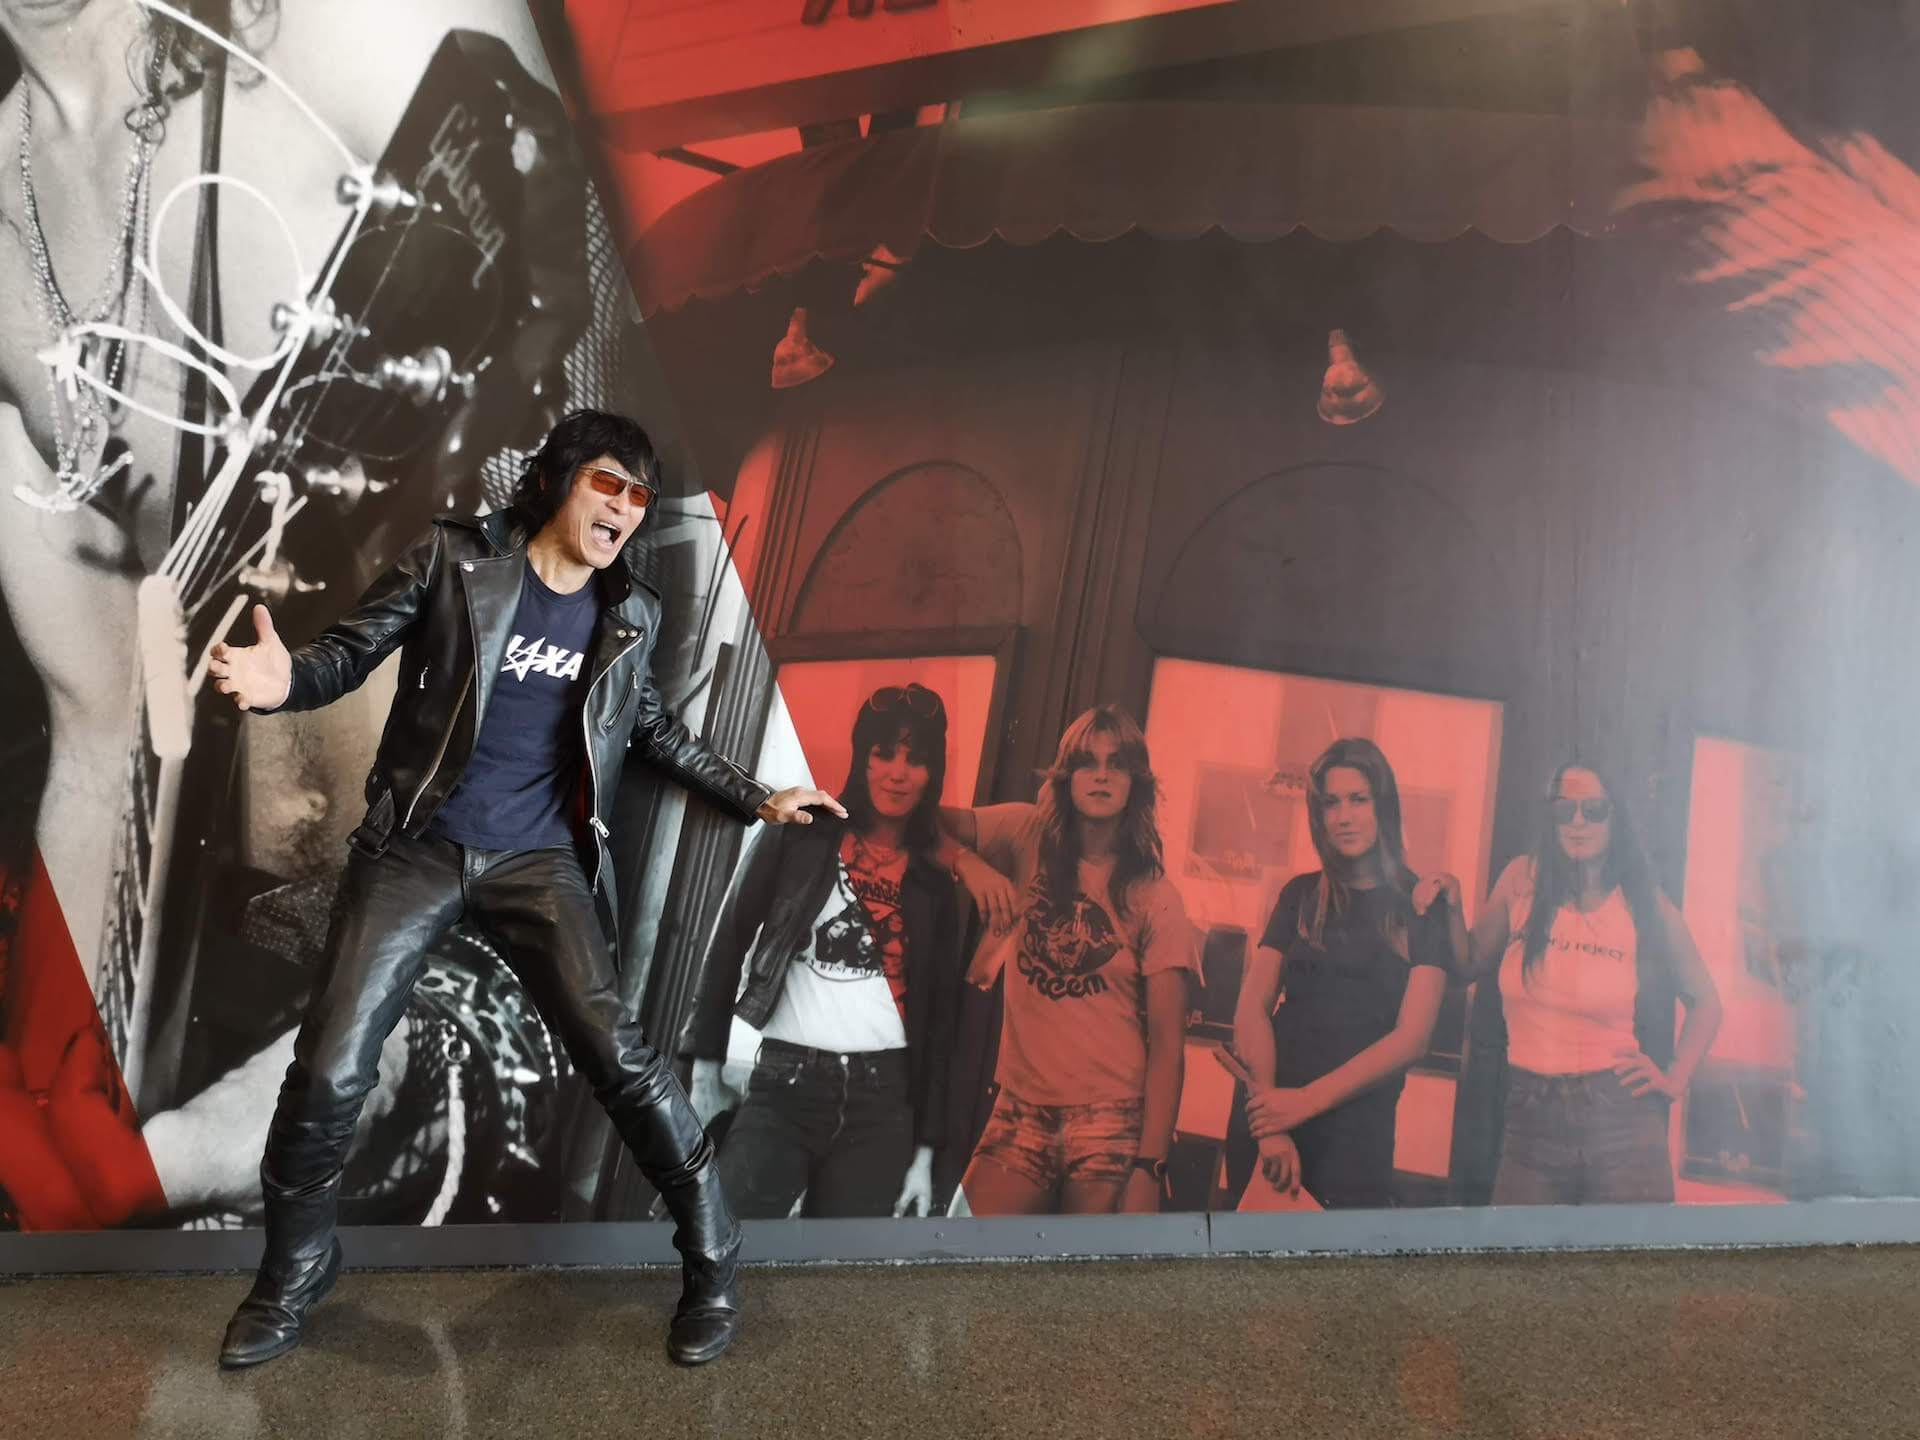 【後編】アメリカに熱狂をもたらす革ジャンの漢たち ギターウルフのアメリカツアー密着レポ column1909-guiterwolf-48